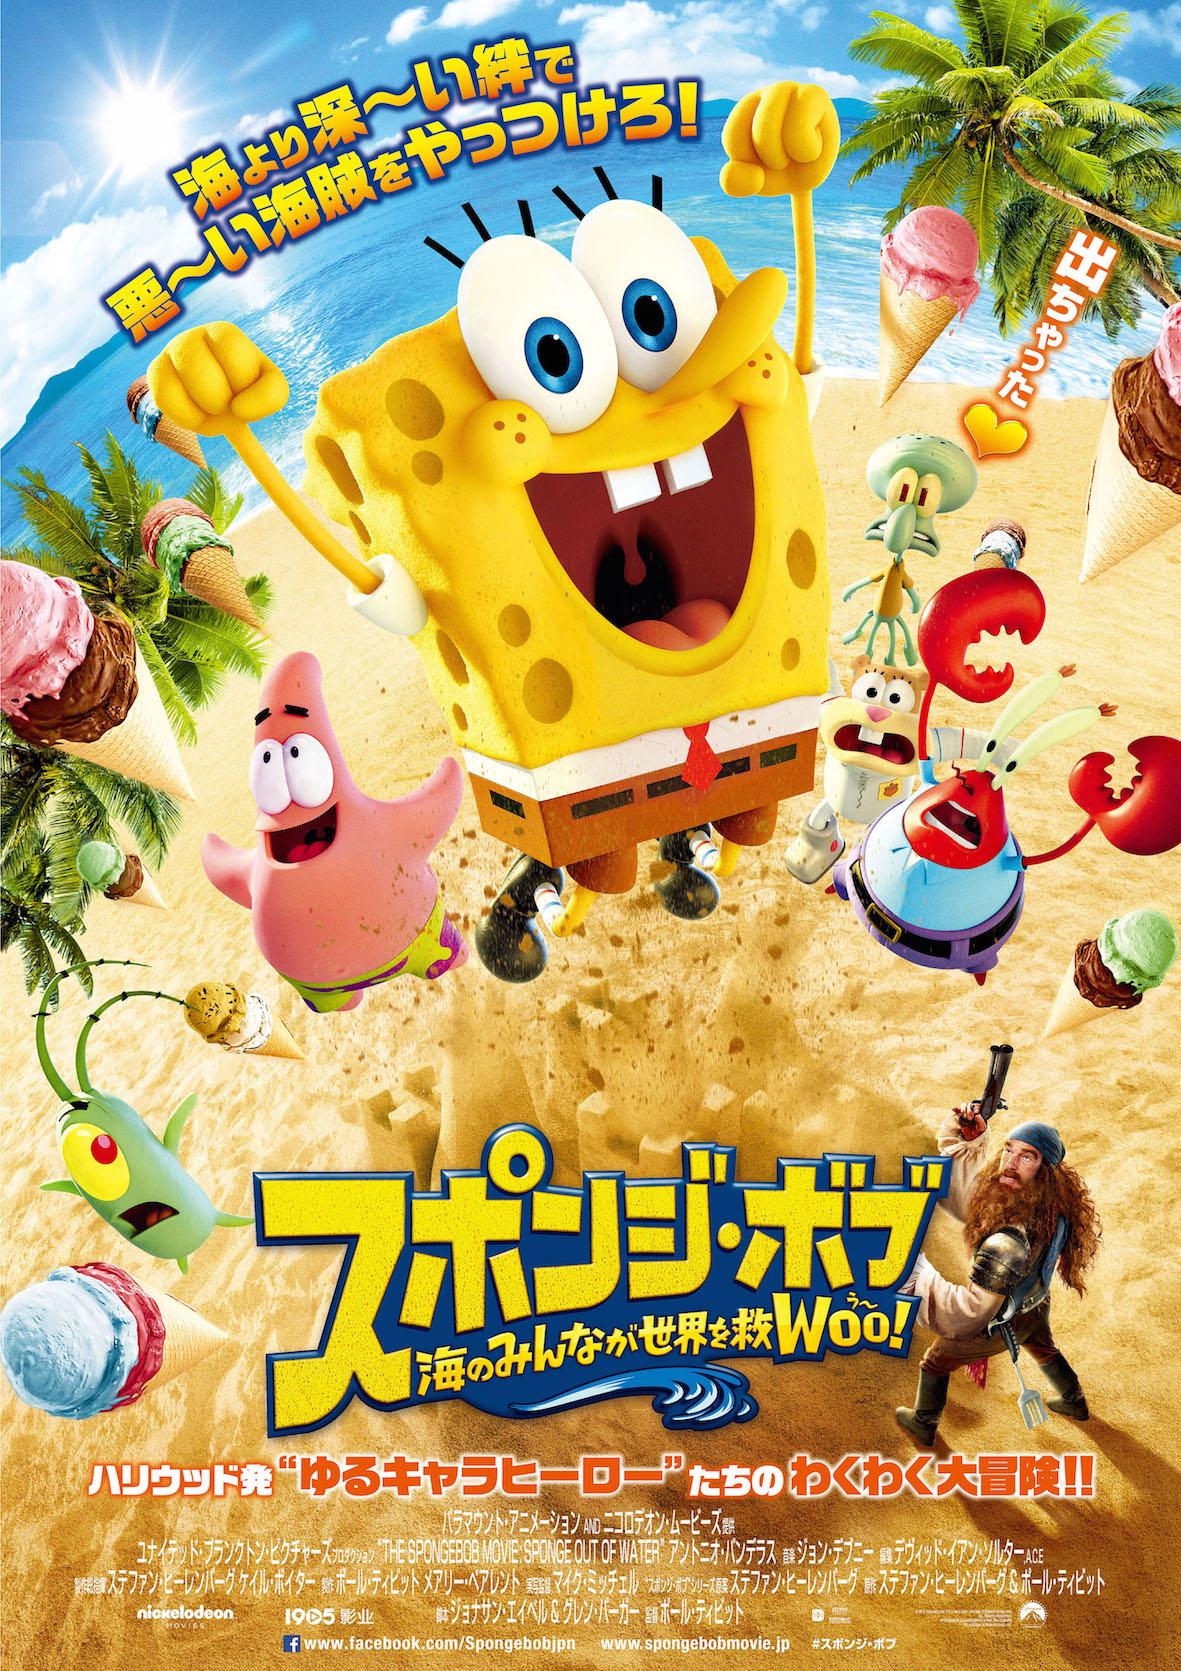 スポンジ・ボブが実写と融合する最新映画公開日決定!